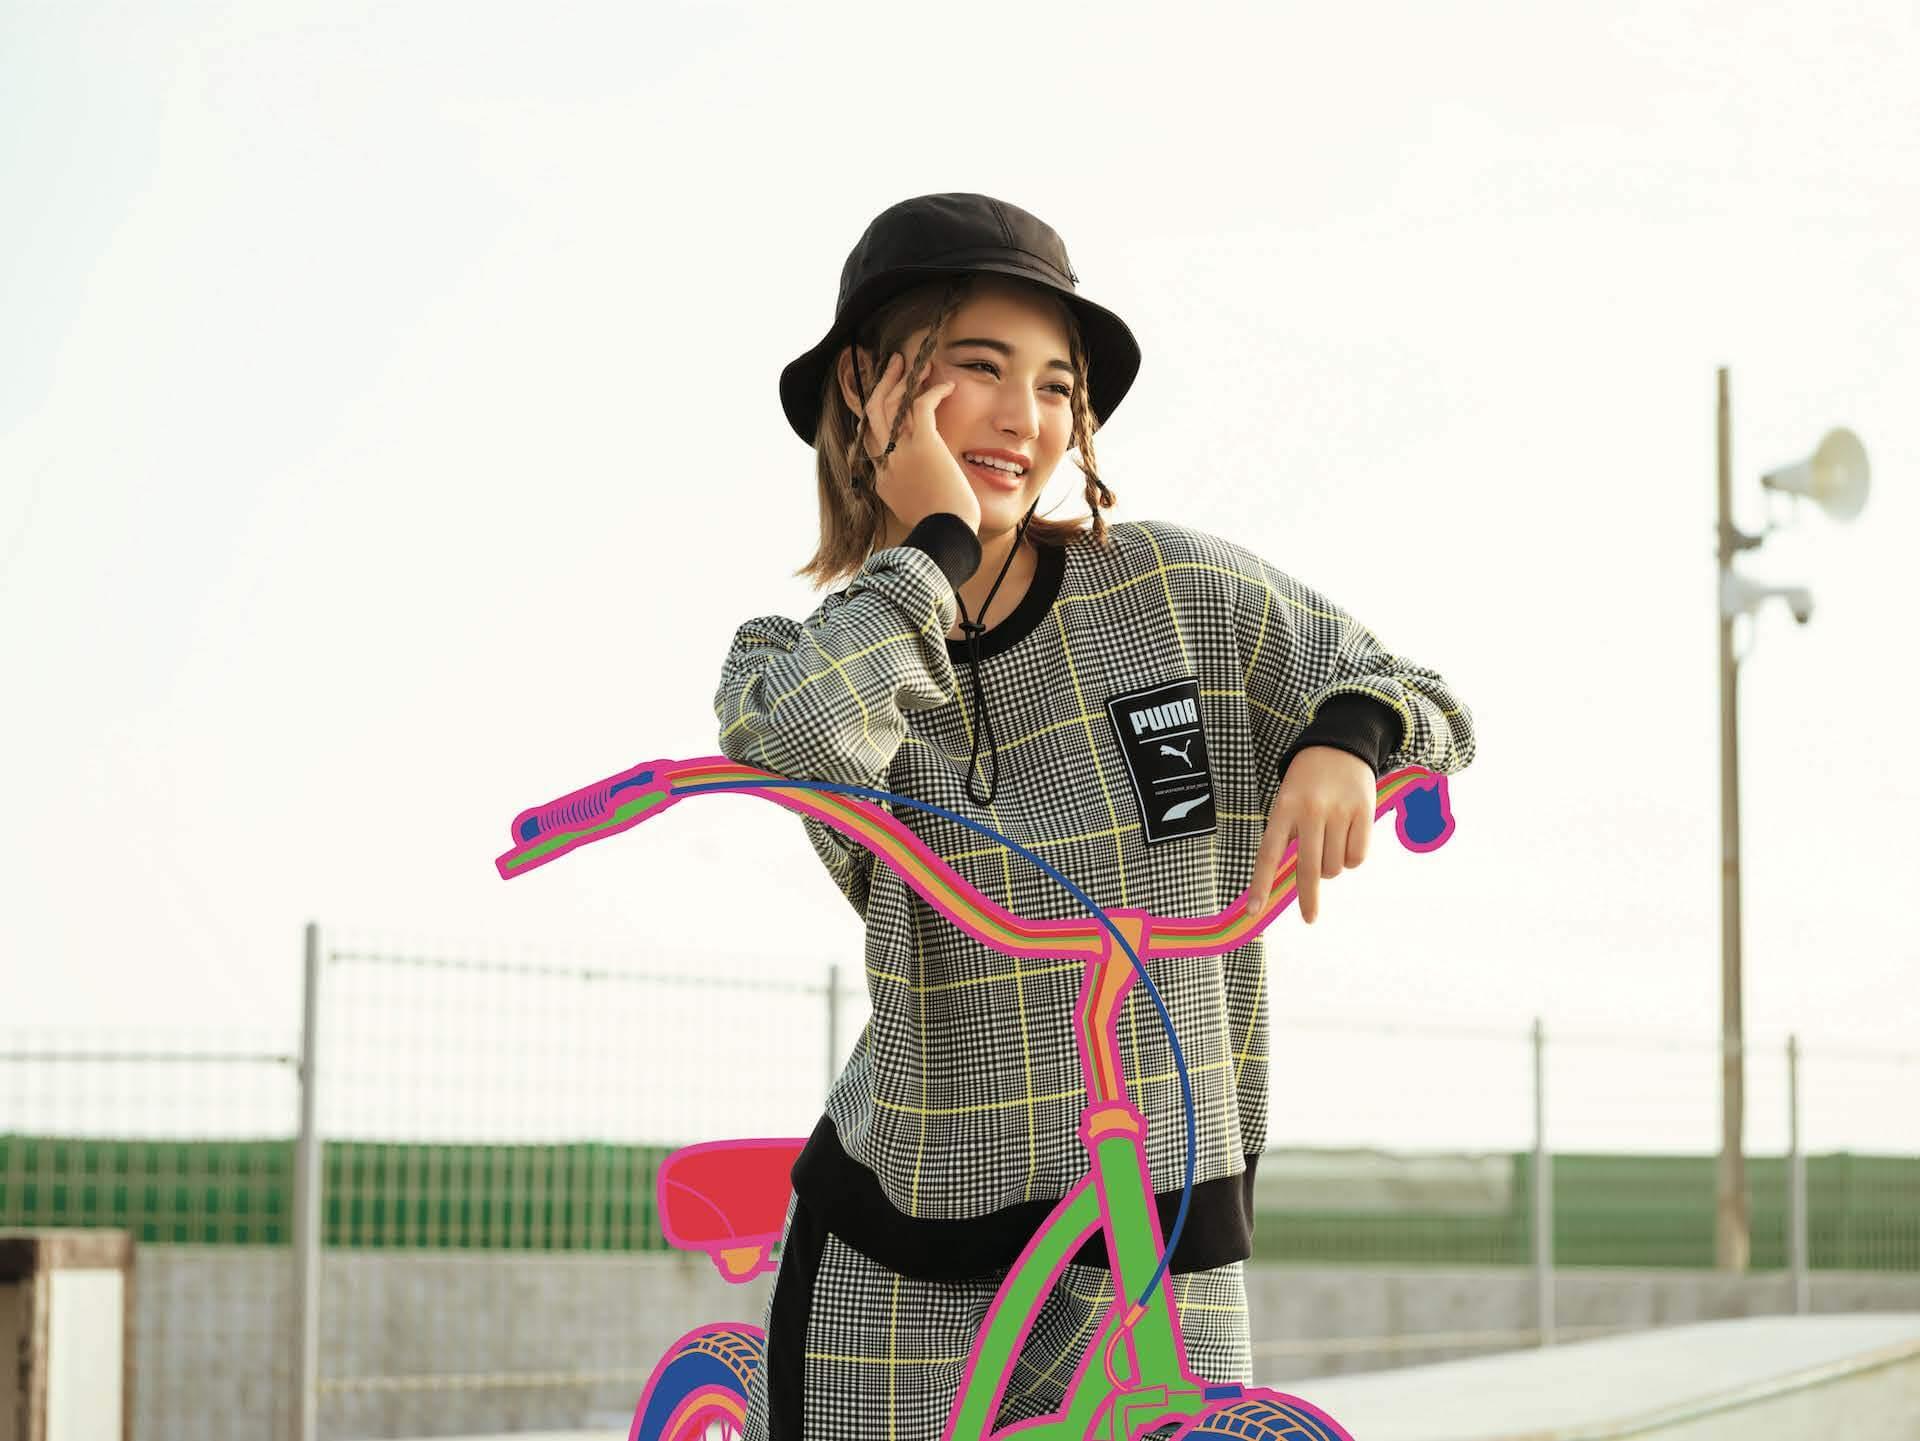 PUMA「RIDER」シリーズ最新作『FUTURE RIDER & STYLE RIDER』 藤田ニコルと浪花ほのかが登場するLOOKが公開! lf200421_puma_rider_12